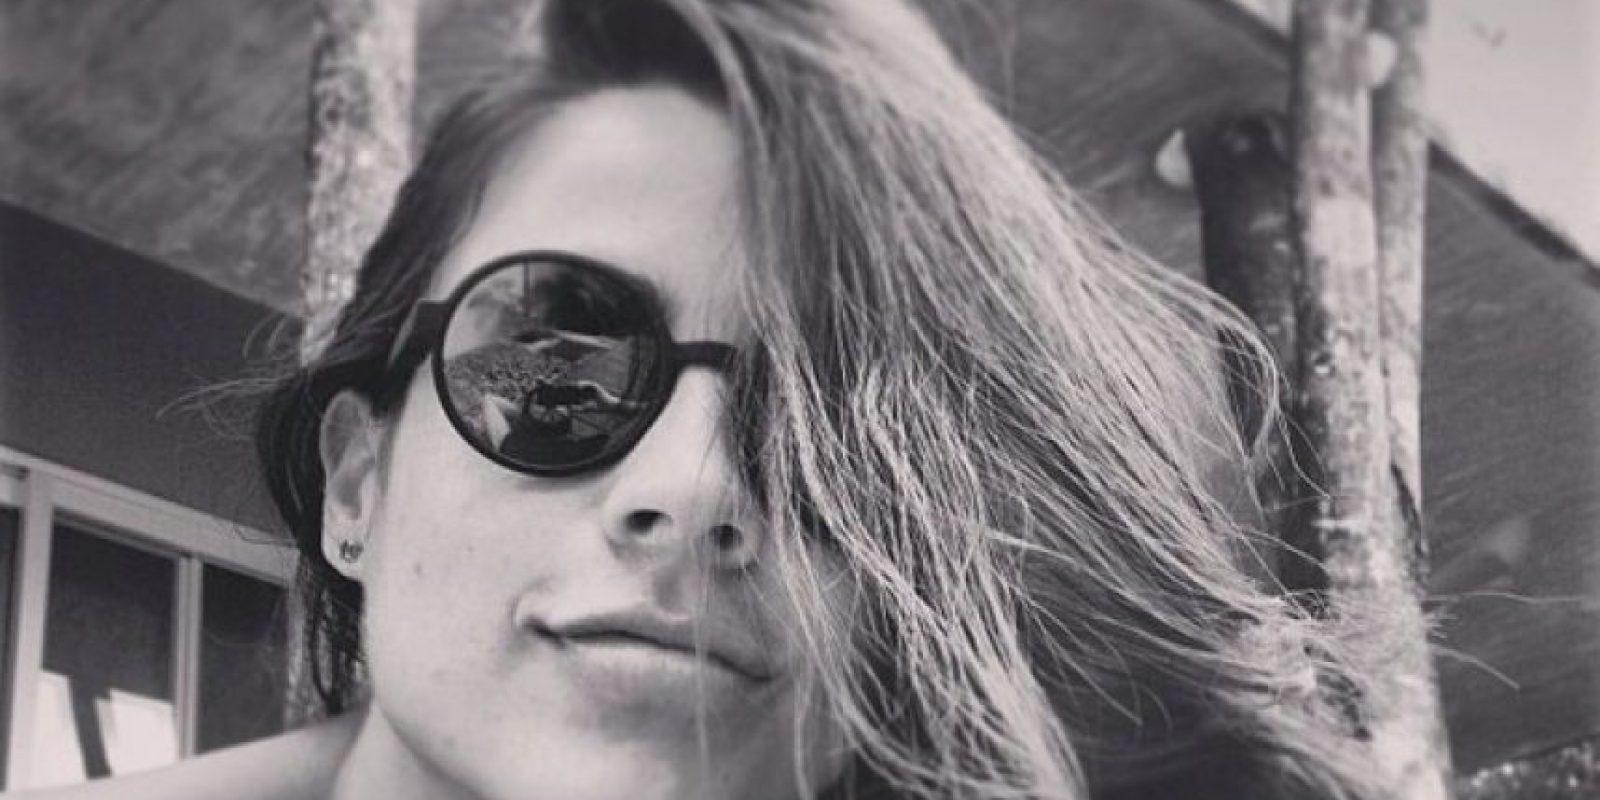 Selfie Carla Giraldo nudes (27 photo), Pussy, Fappening, Instagram, panties 2020